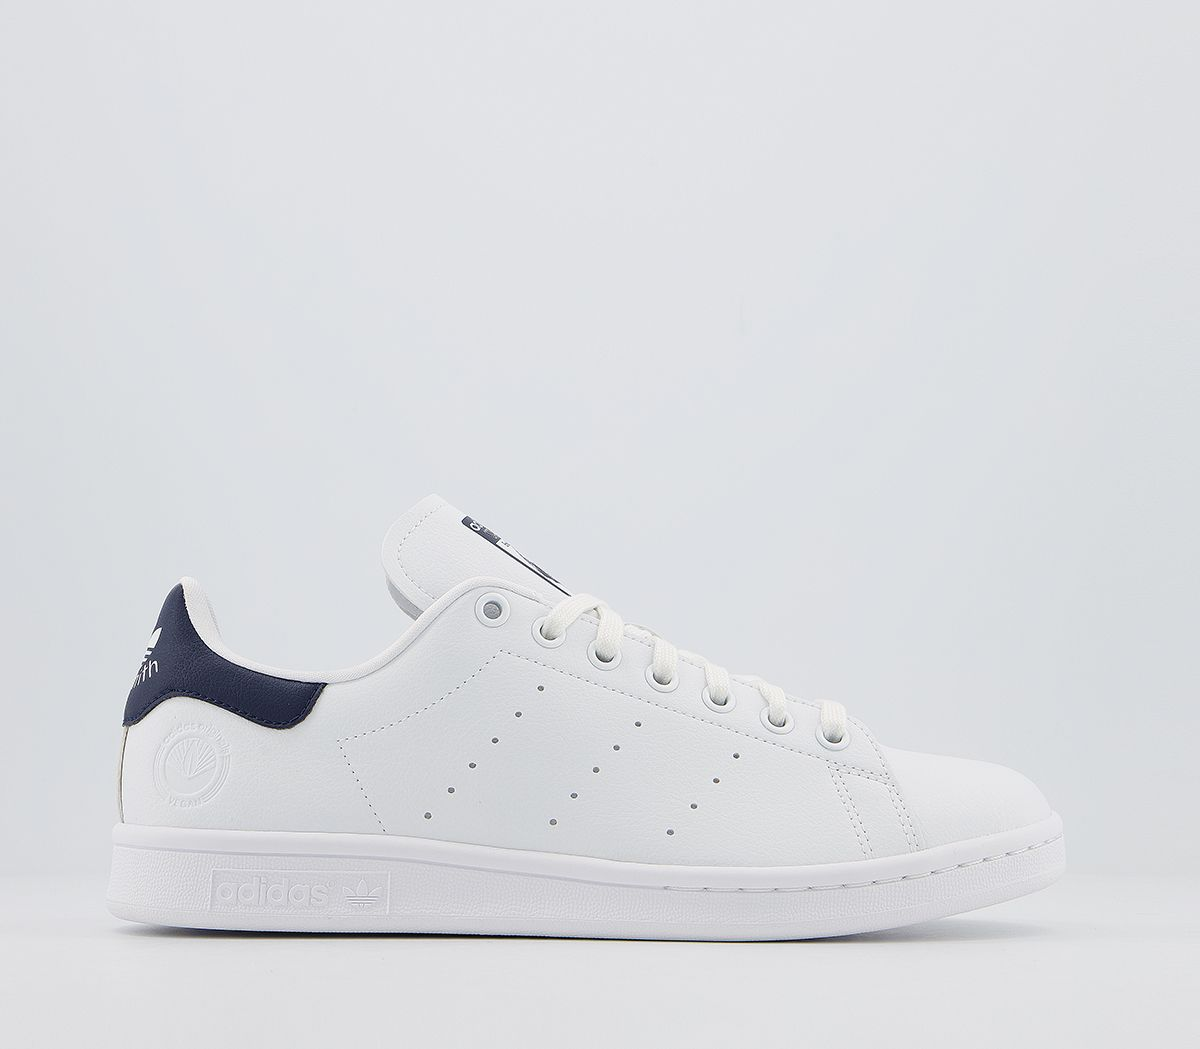 Danubio posponer orificio de soplado  Hombre Adidas Stan Smith Zapatillas Blancas Colegial Azul Marino Vegano  Zapatos   eBay